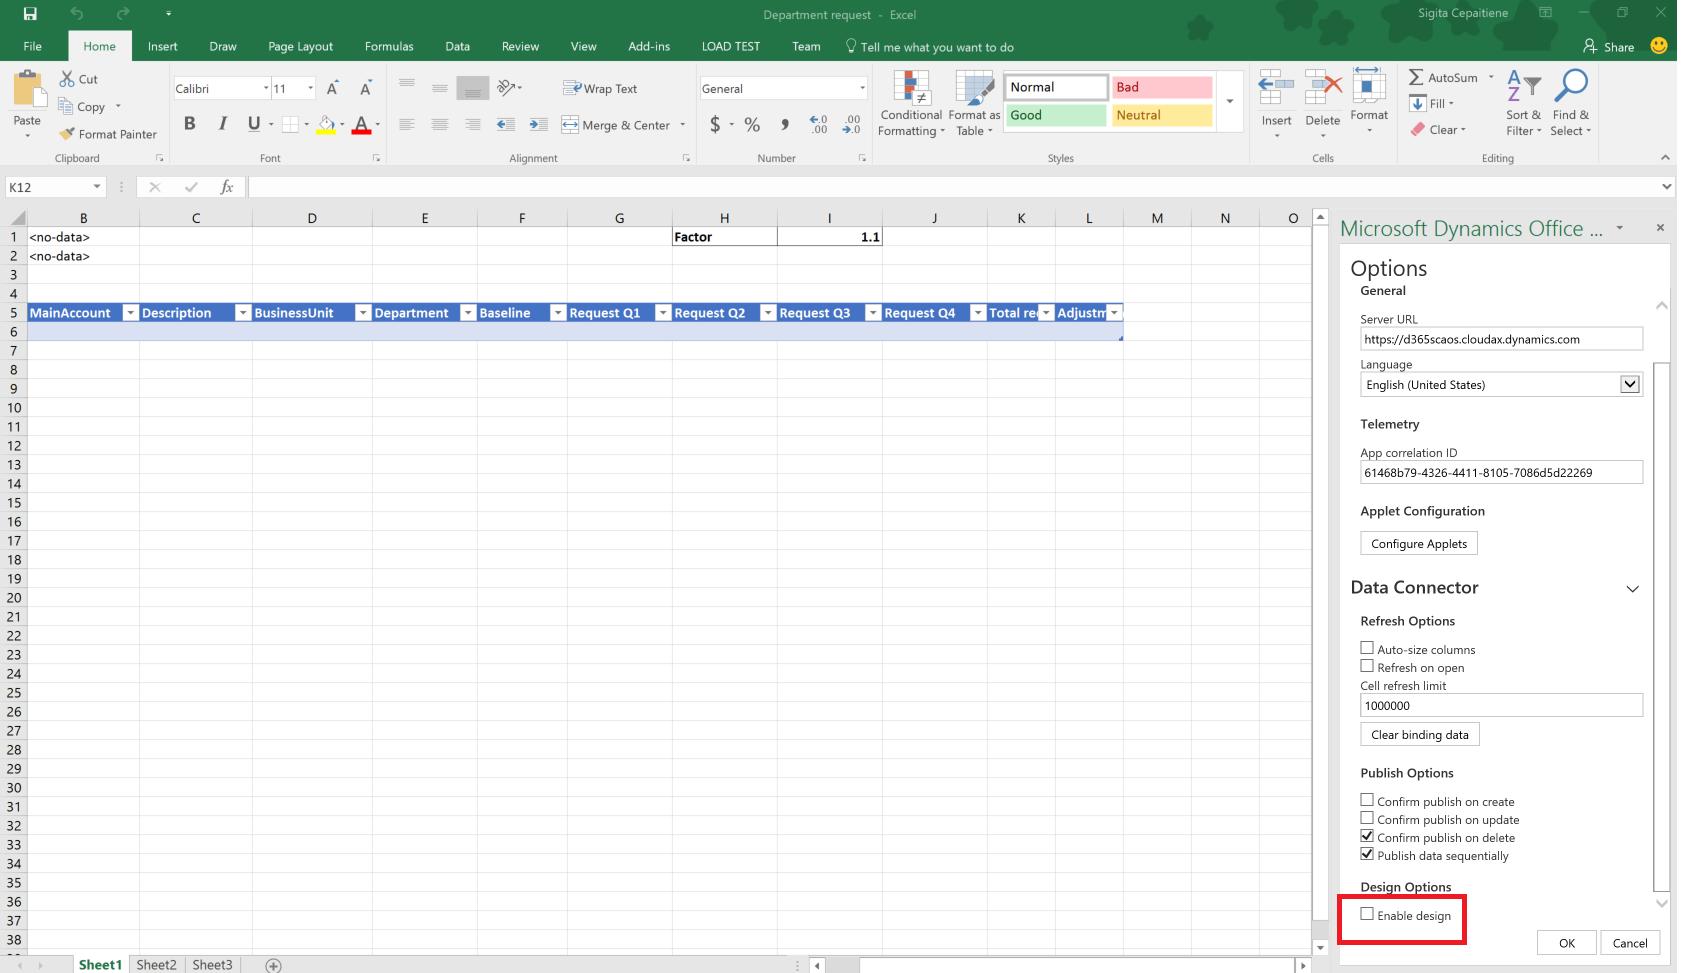 Modeles De Planification Budgetaire Pour Excel